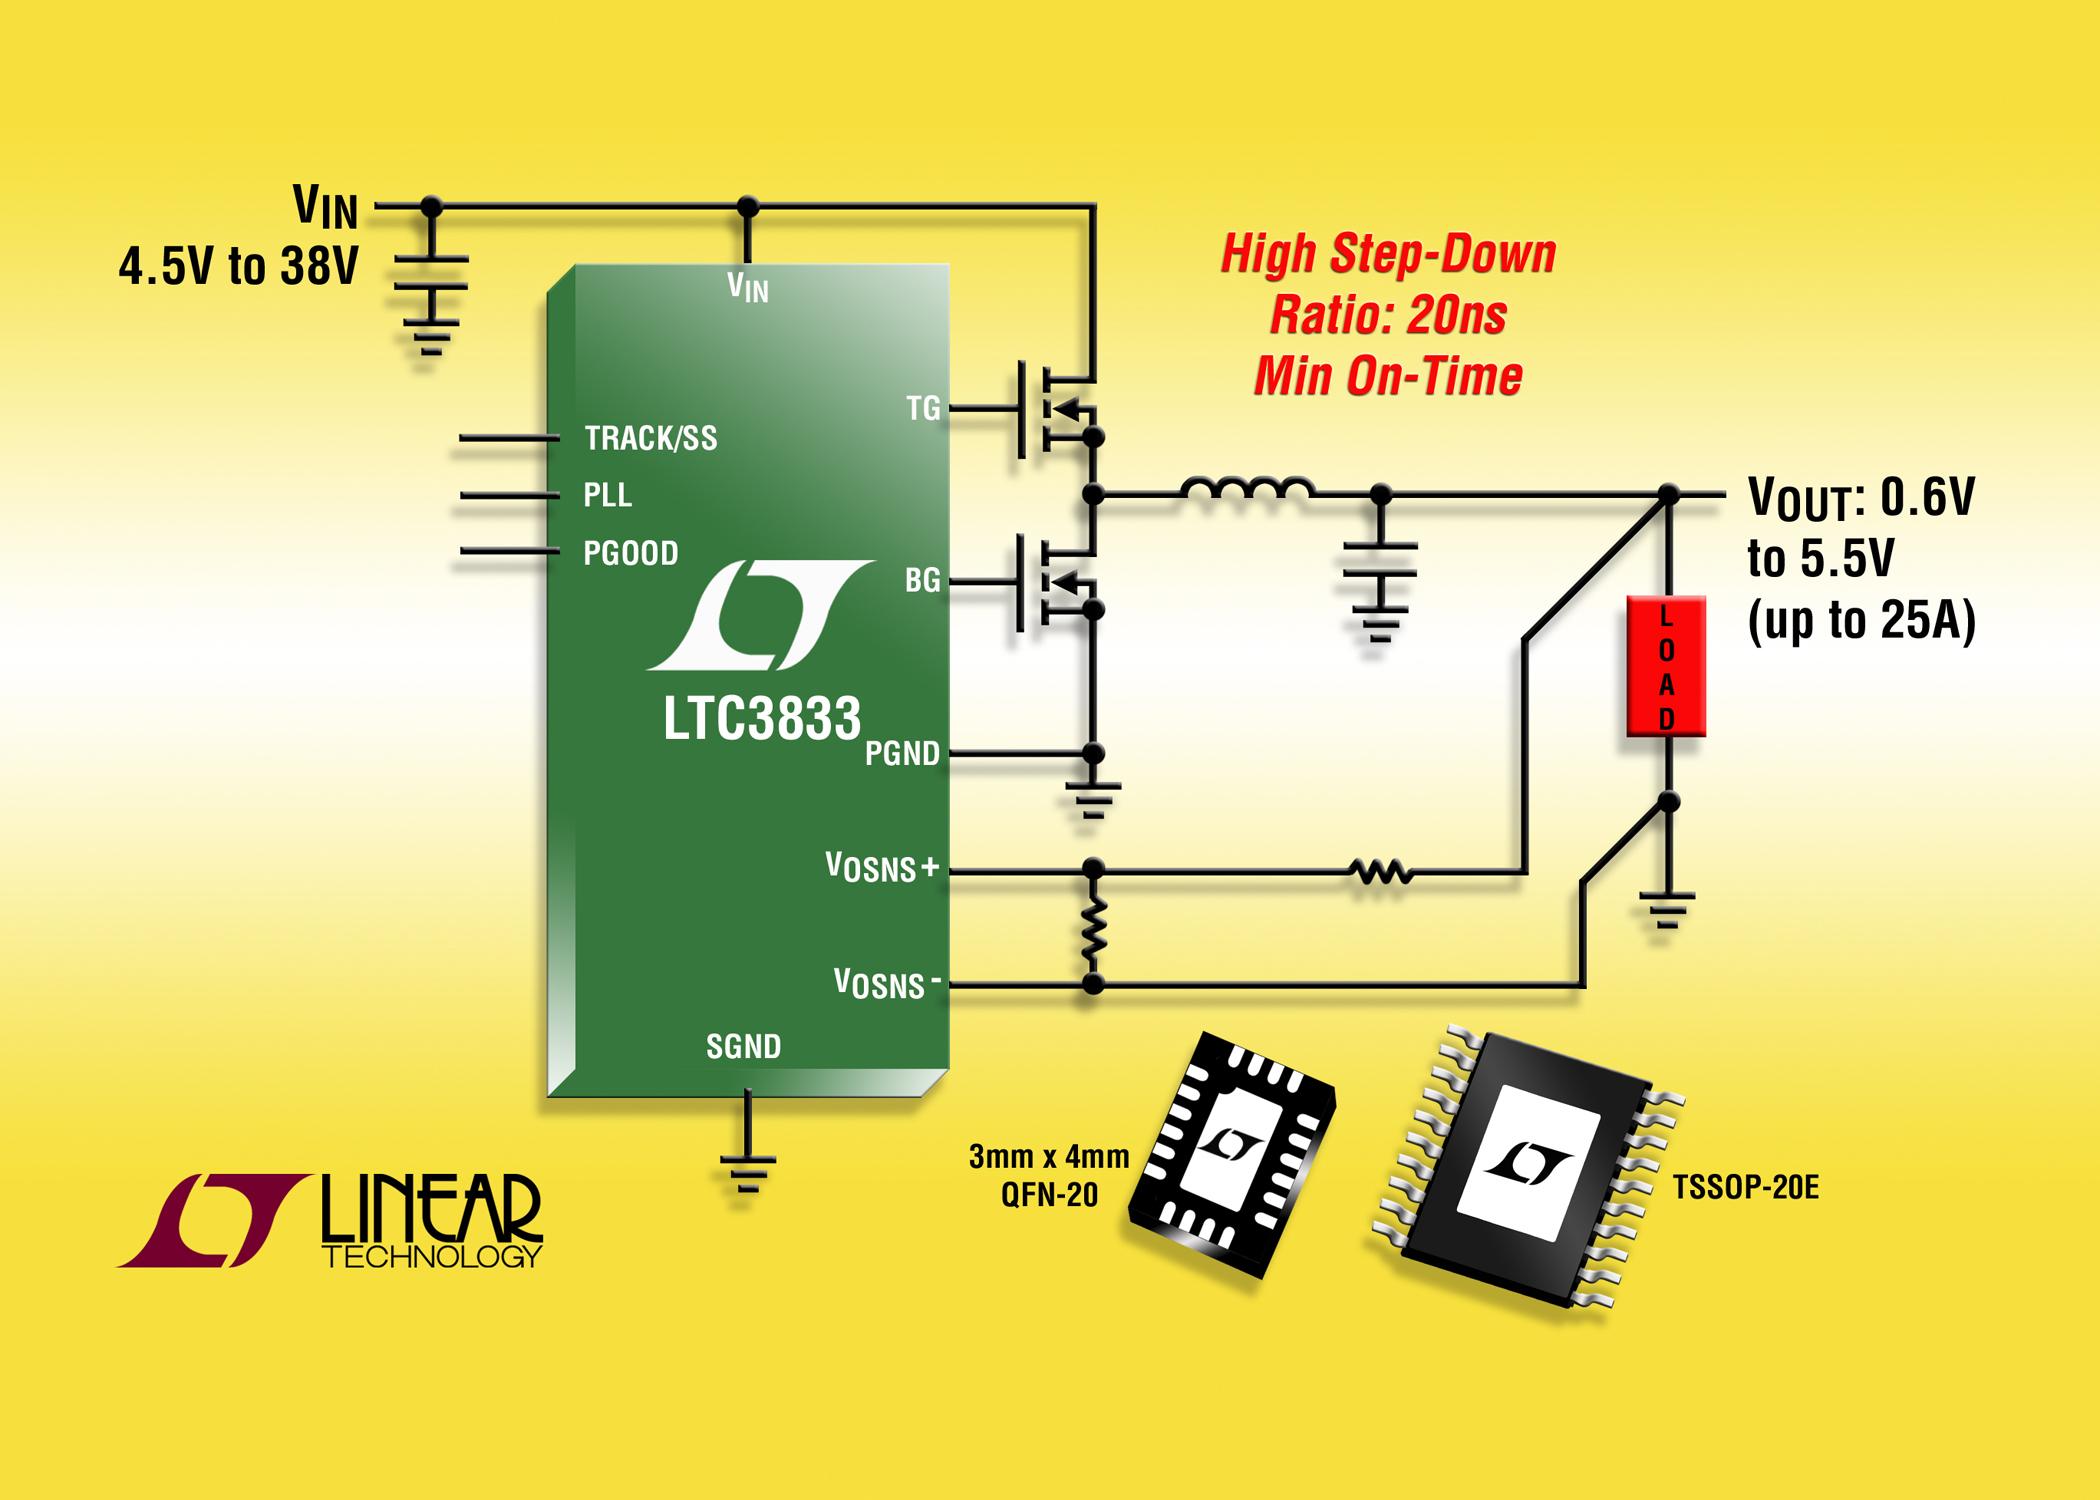 照片说明: 快速同步降压型 DC/DC 控制器